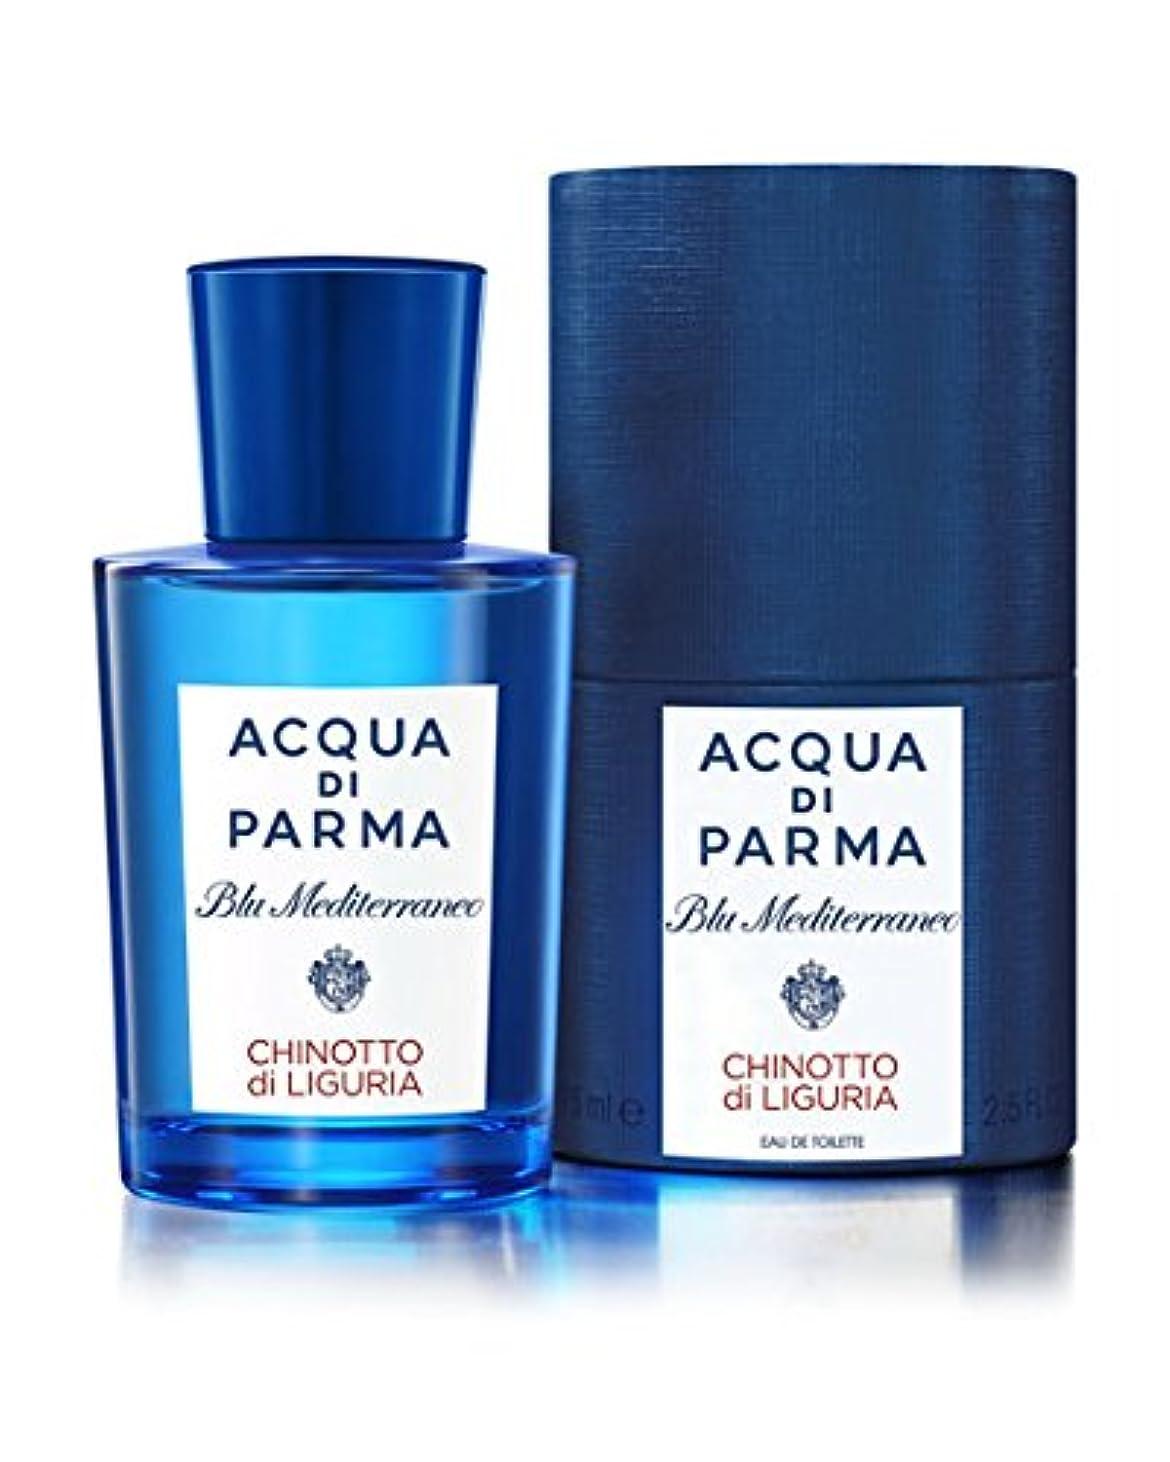 粗い叫ぶ代表するBlu Mediterraneo Chinotto Di Liguria (ブルー メディタラーネオ チノットディリグリア) 5.0 oz (150ml) EDT Spray by Acqua di Parma